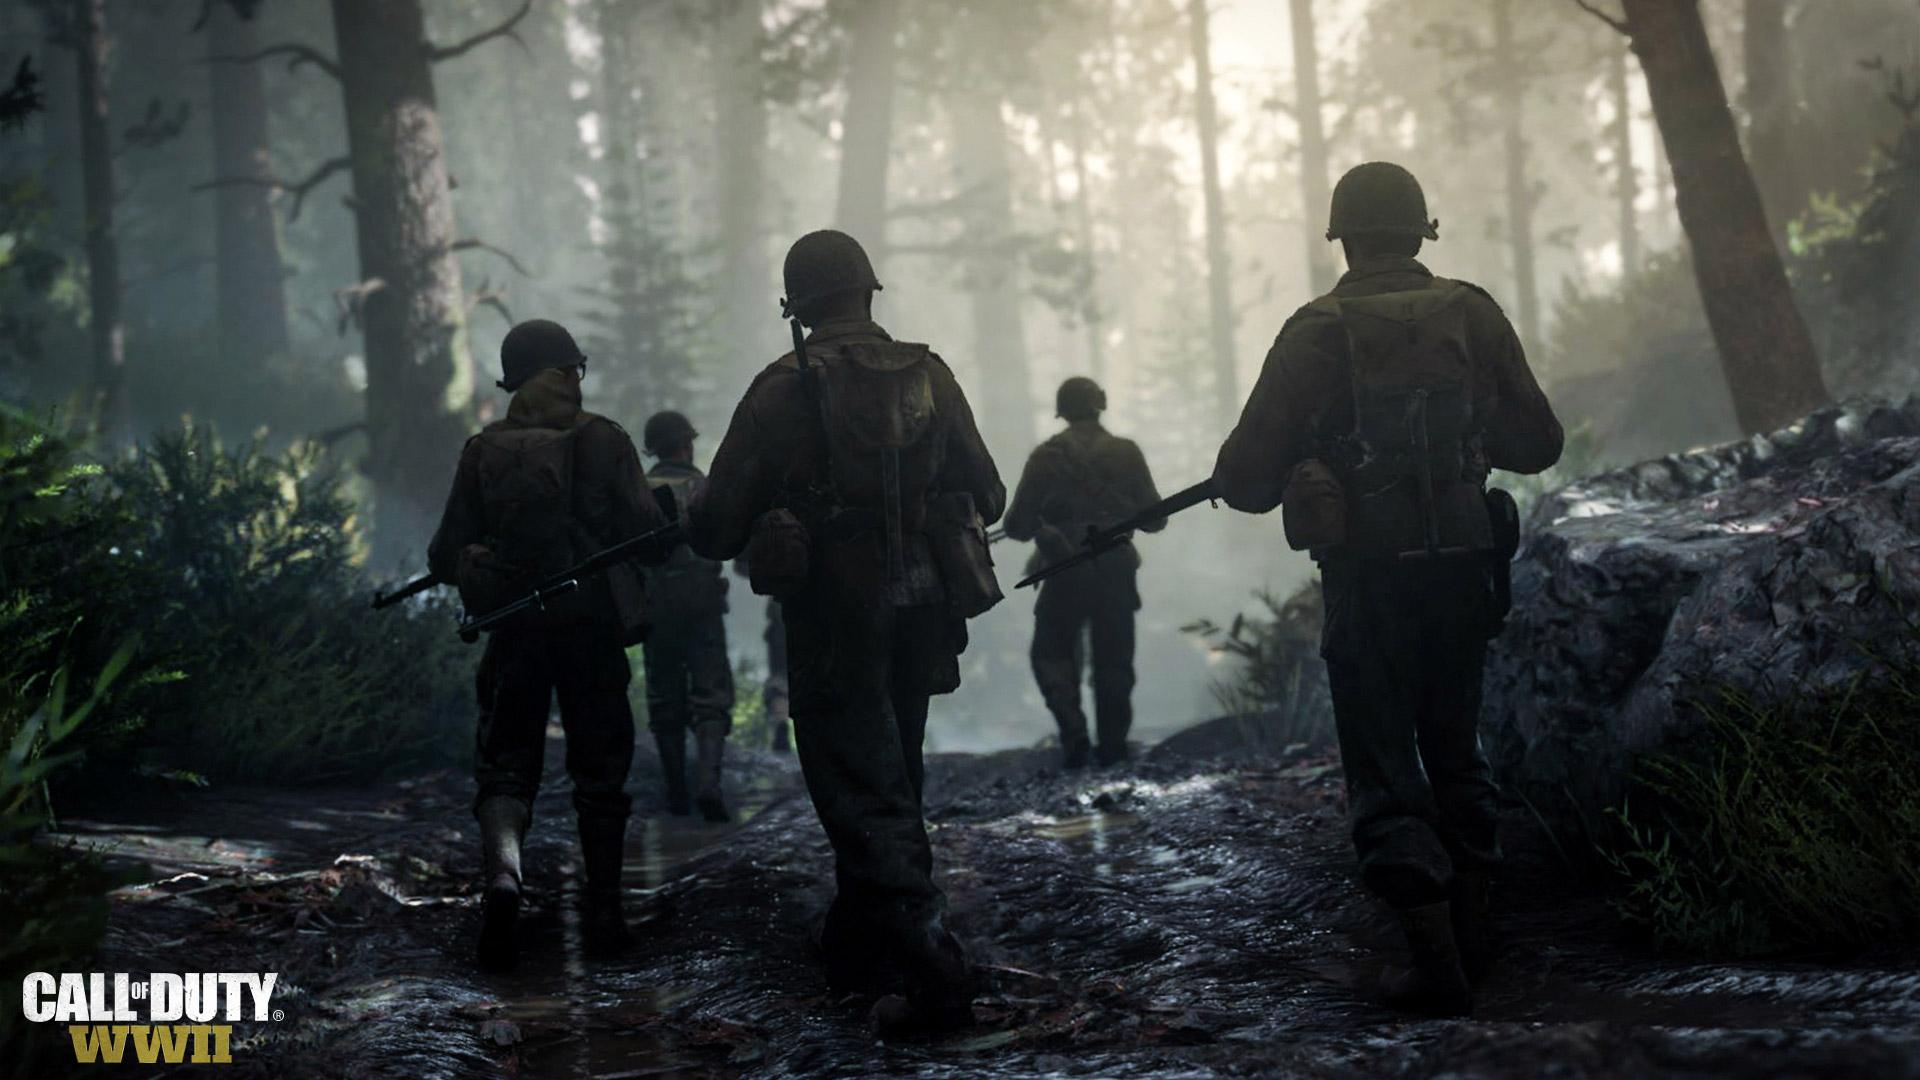 Kameradschaft spielt in Call of Duty: WWII eine große Rolle